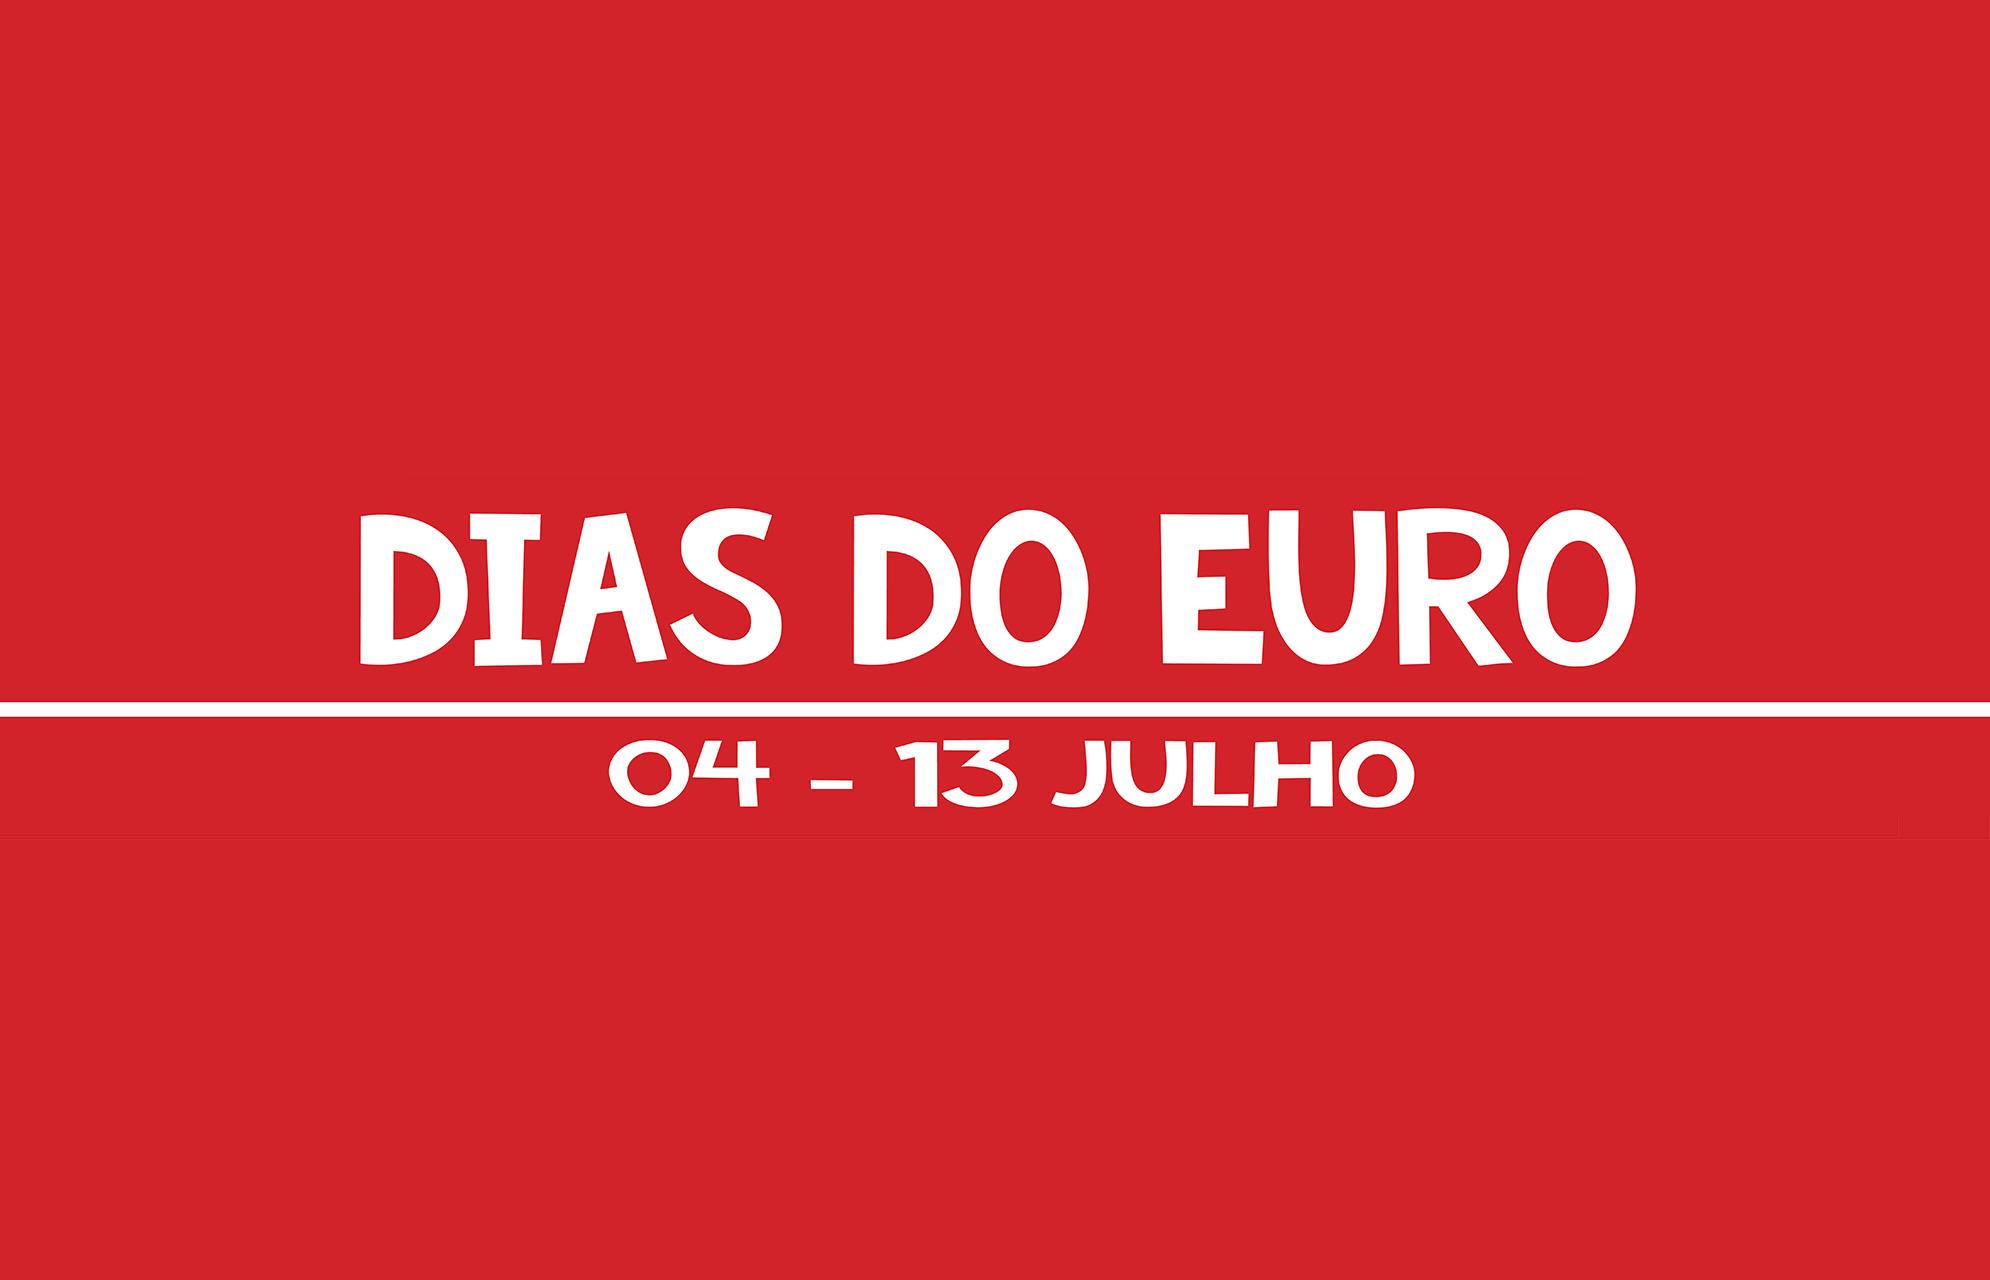 Dias do Euro | 04-13 Julho